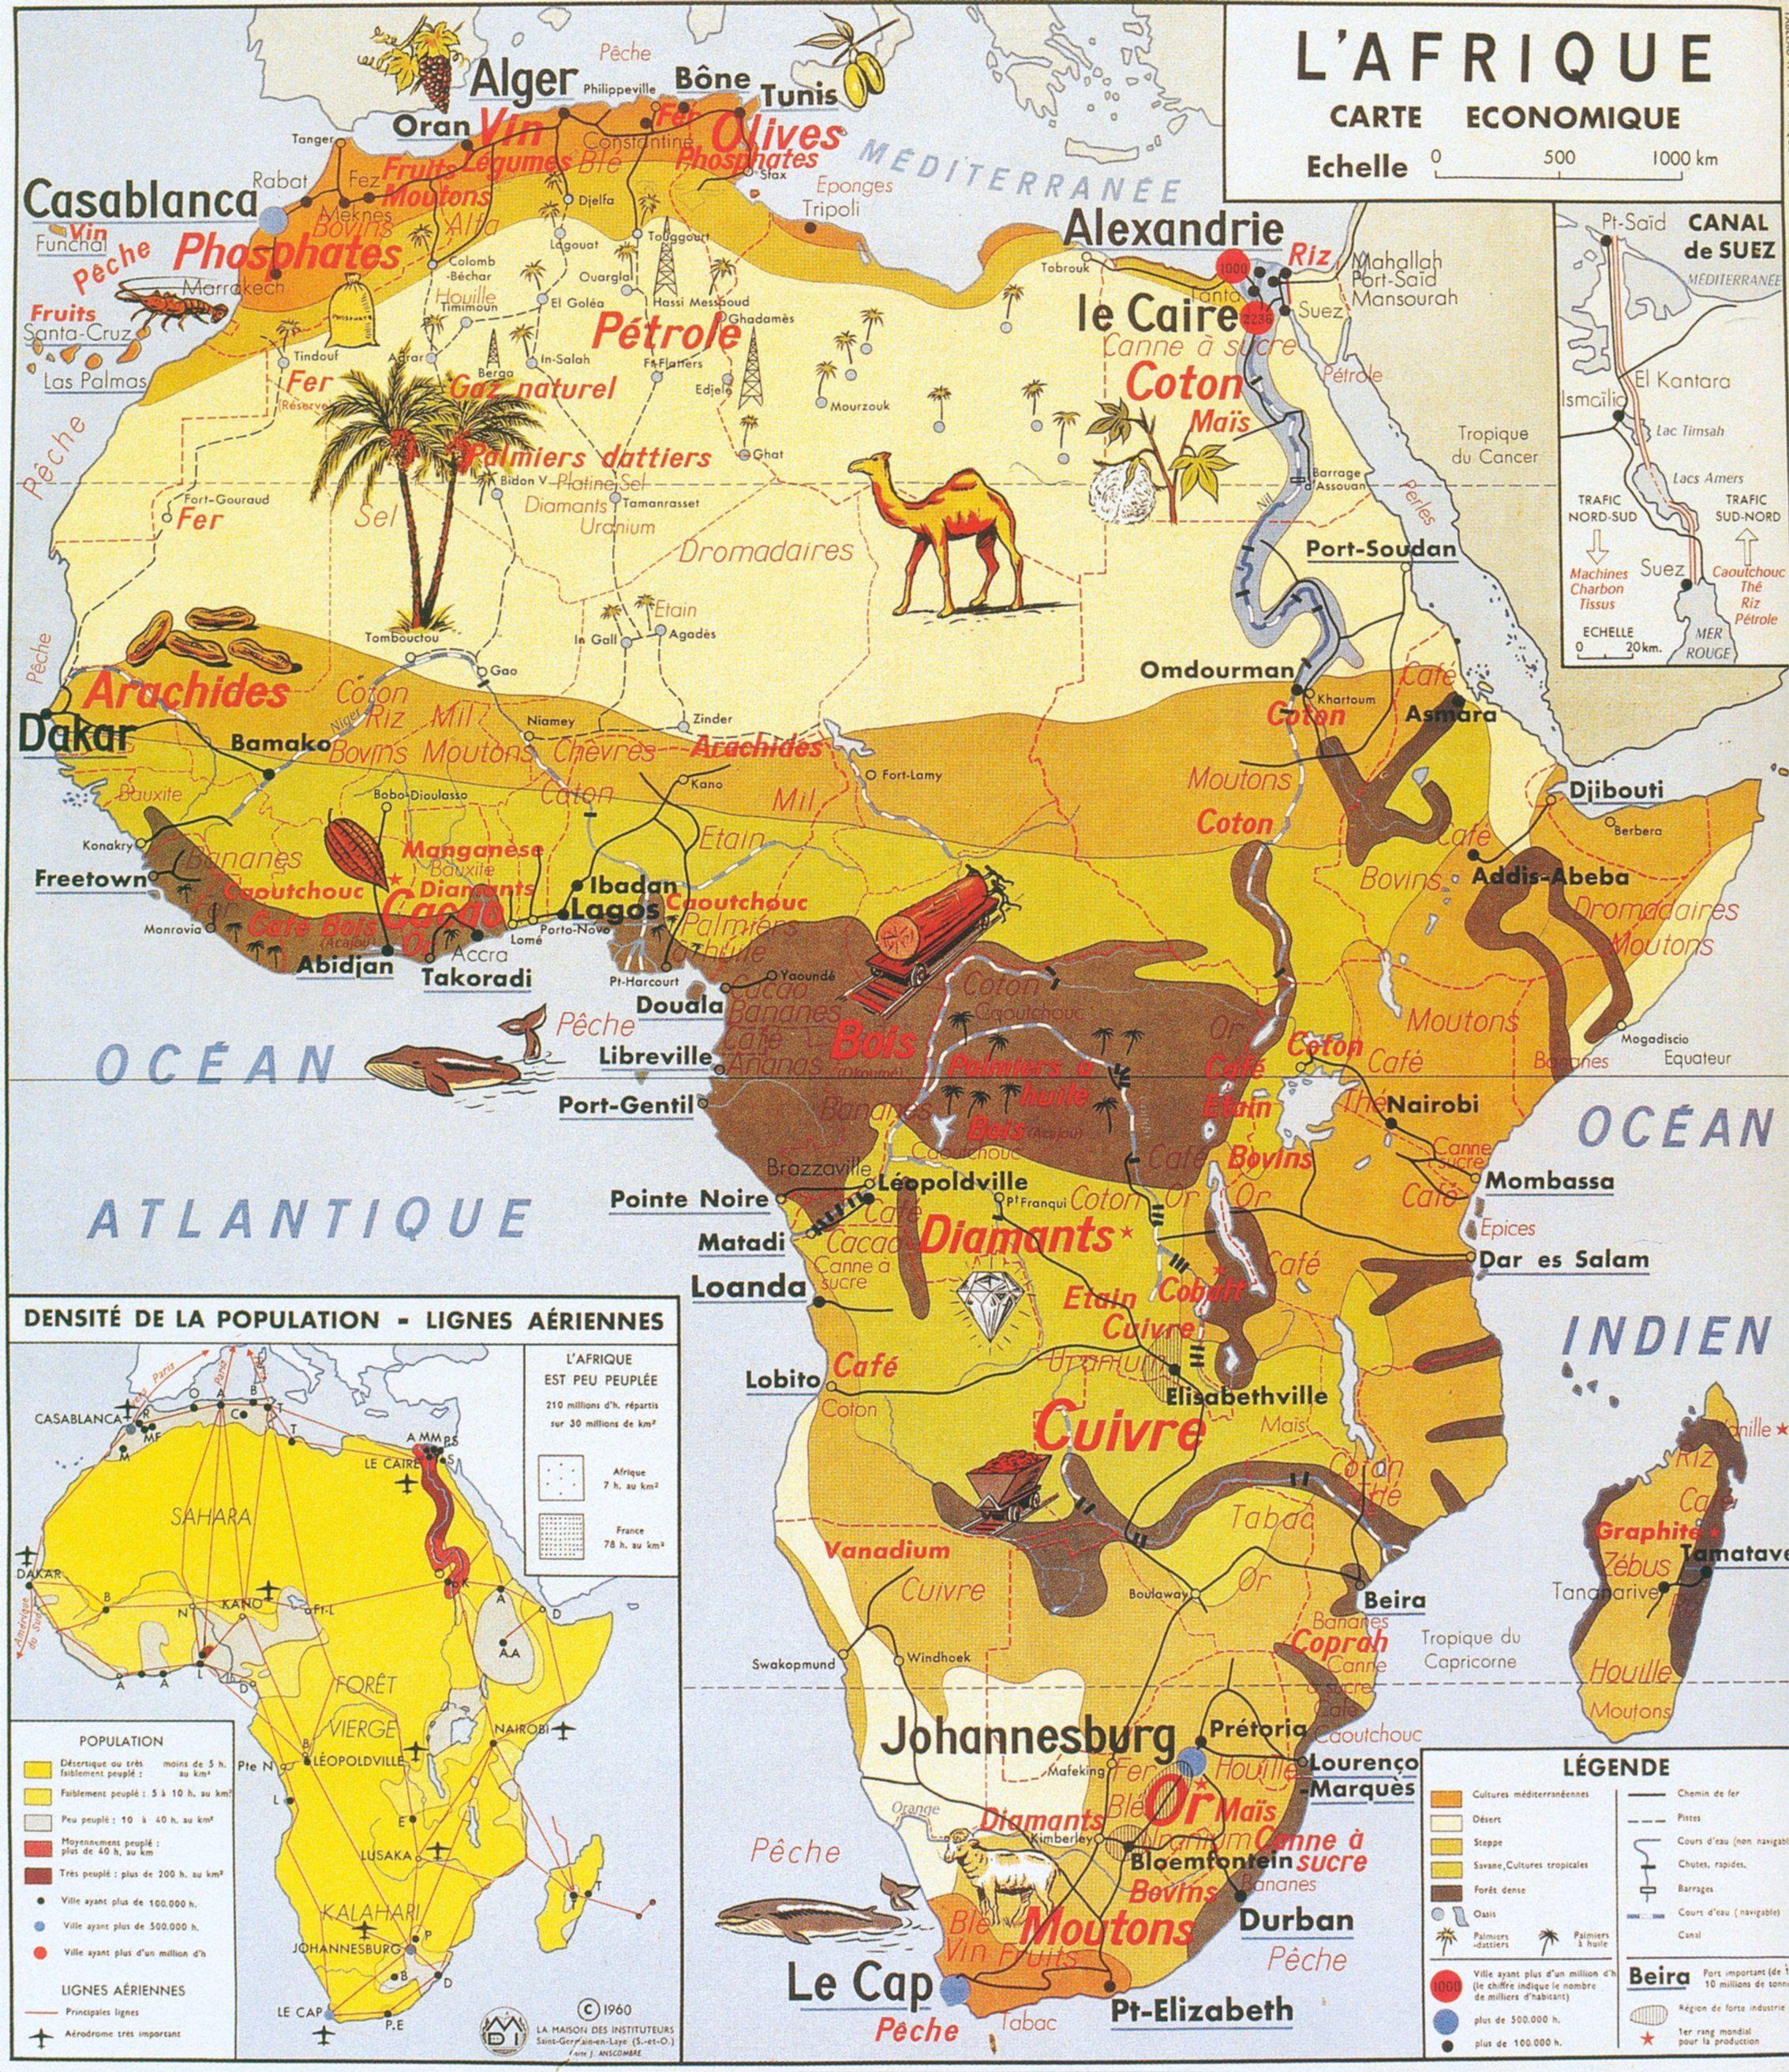 Carte Afrique Ressources Naturelles.L Afrique Carte Economique Afryka Carte Afrique